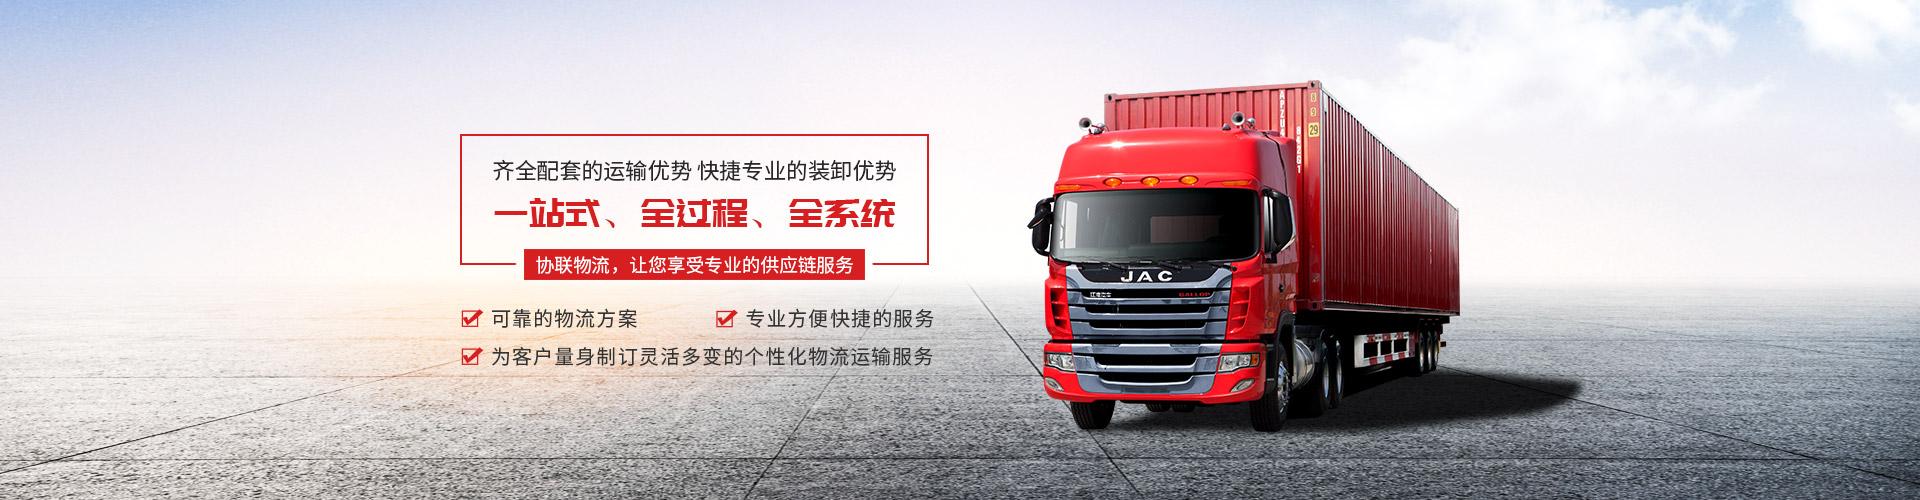 上海物流运输公司